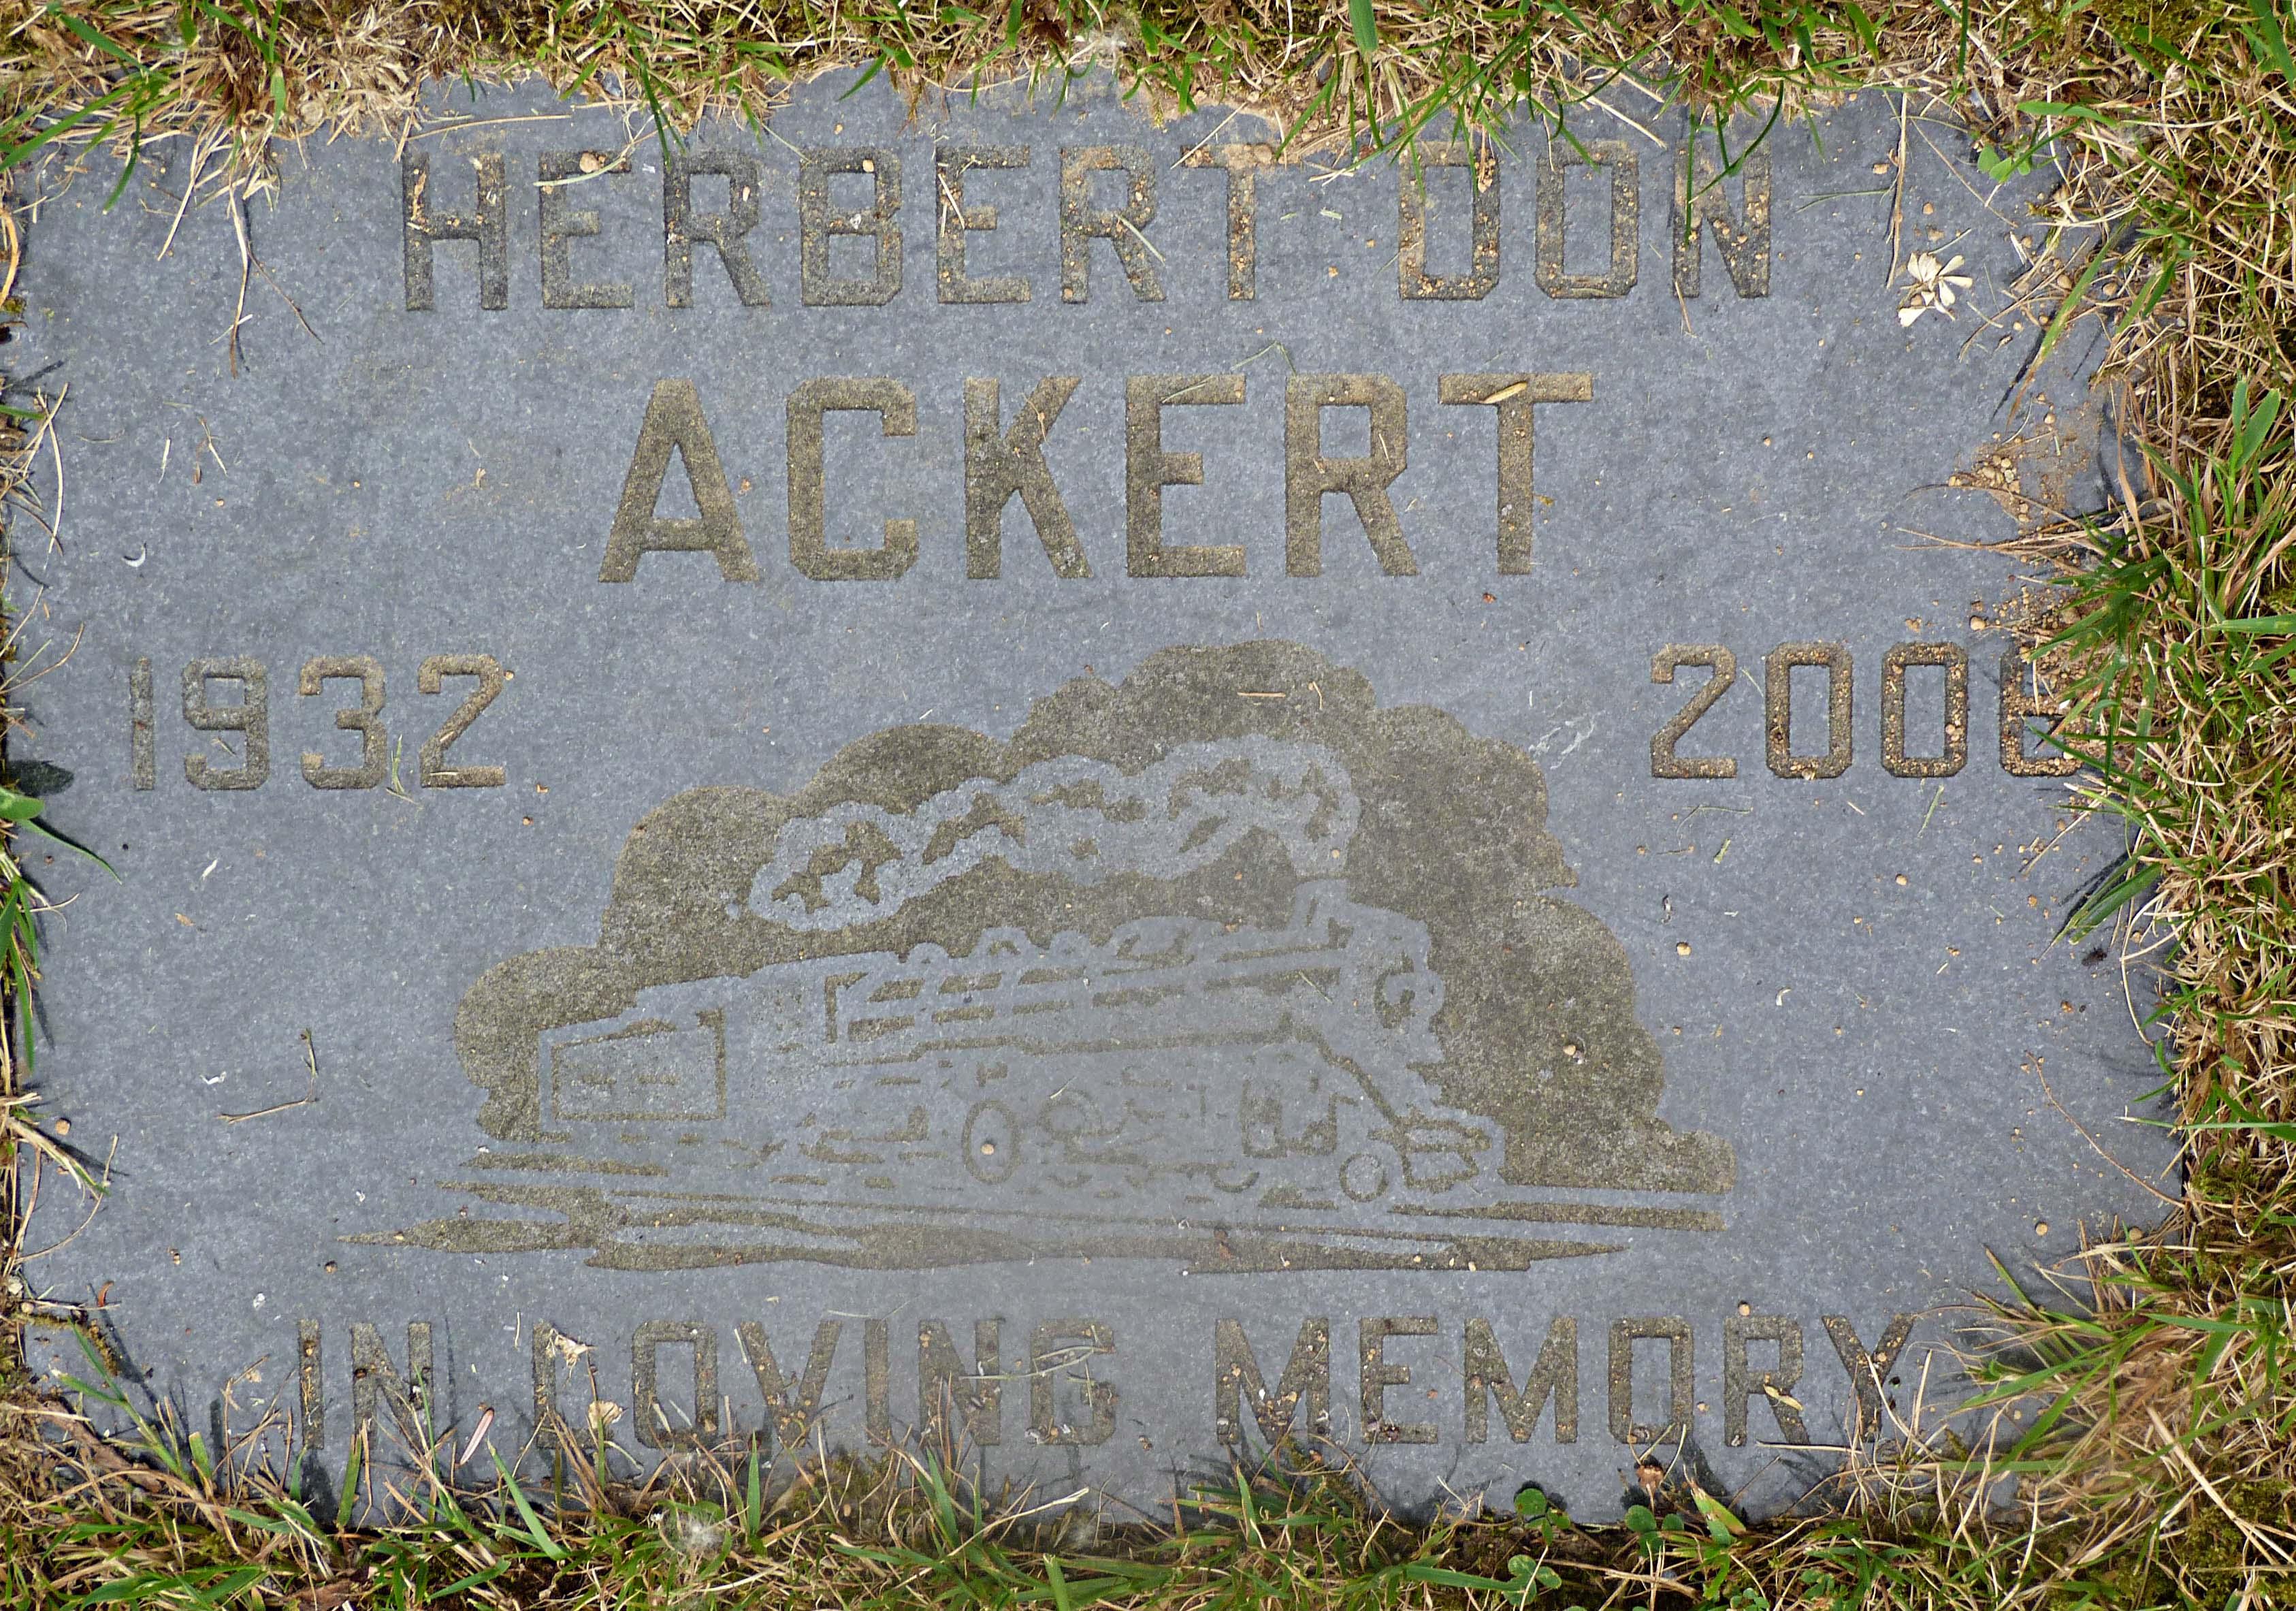 Herbert Don Ackert